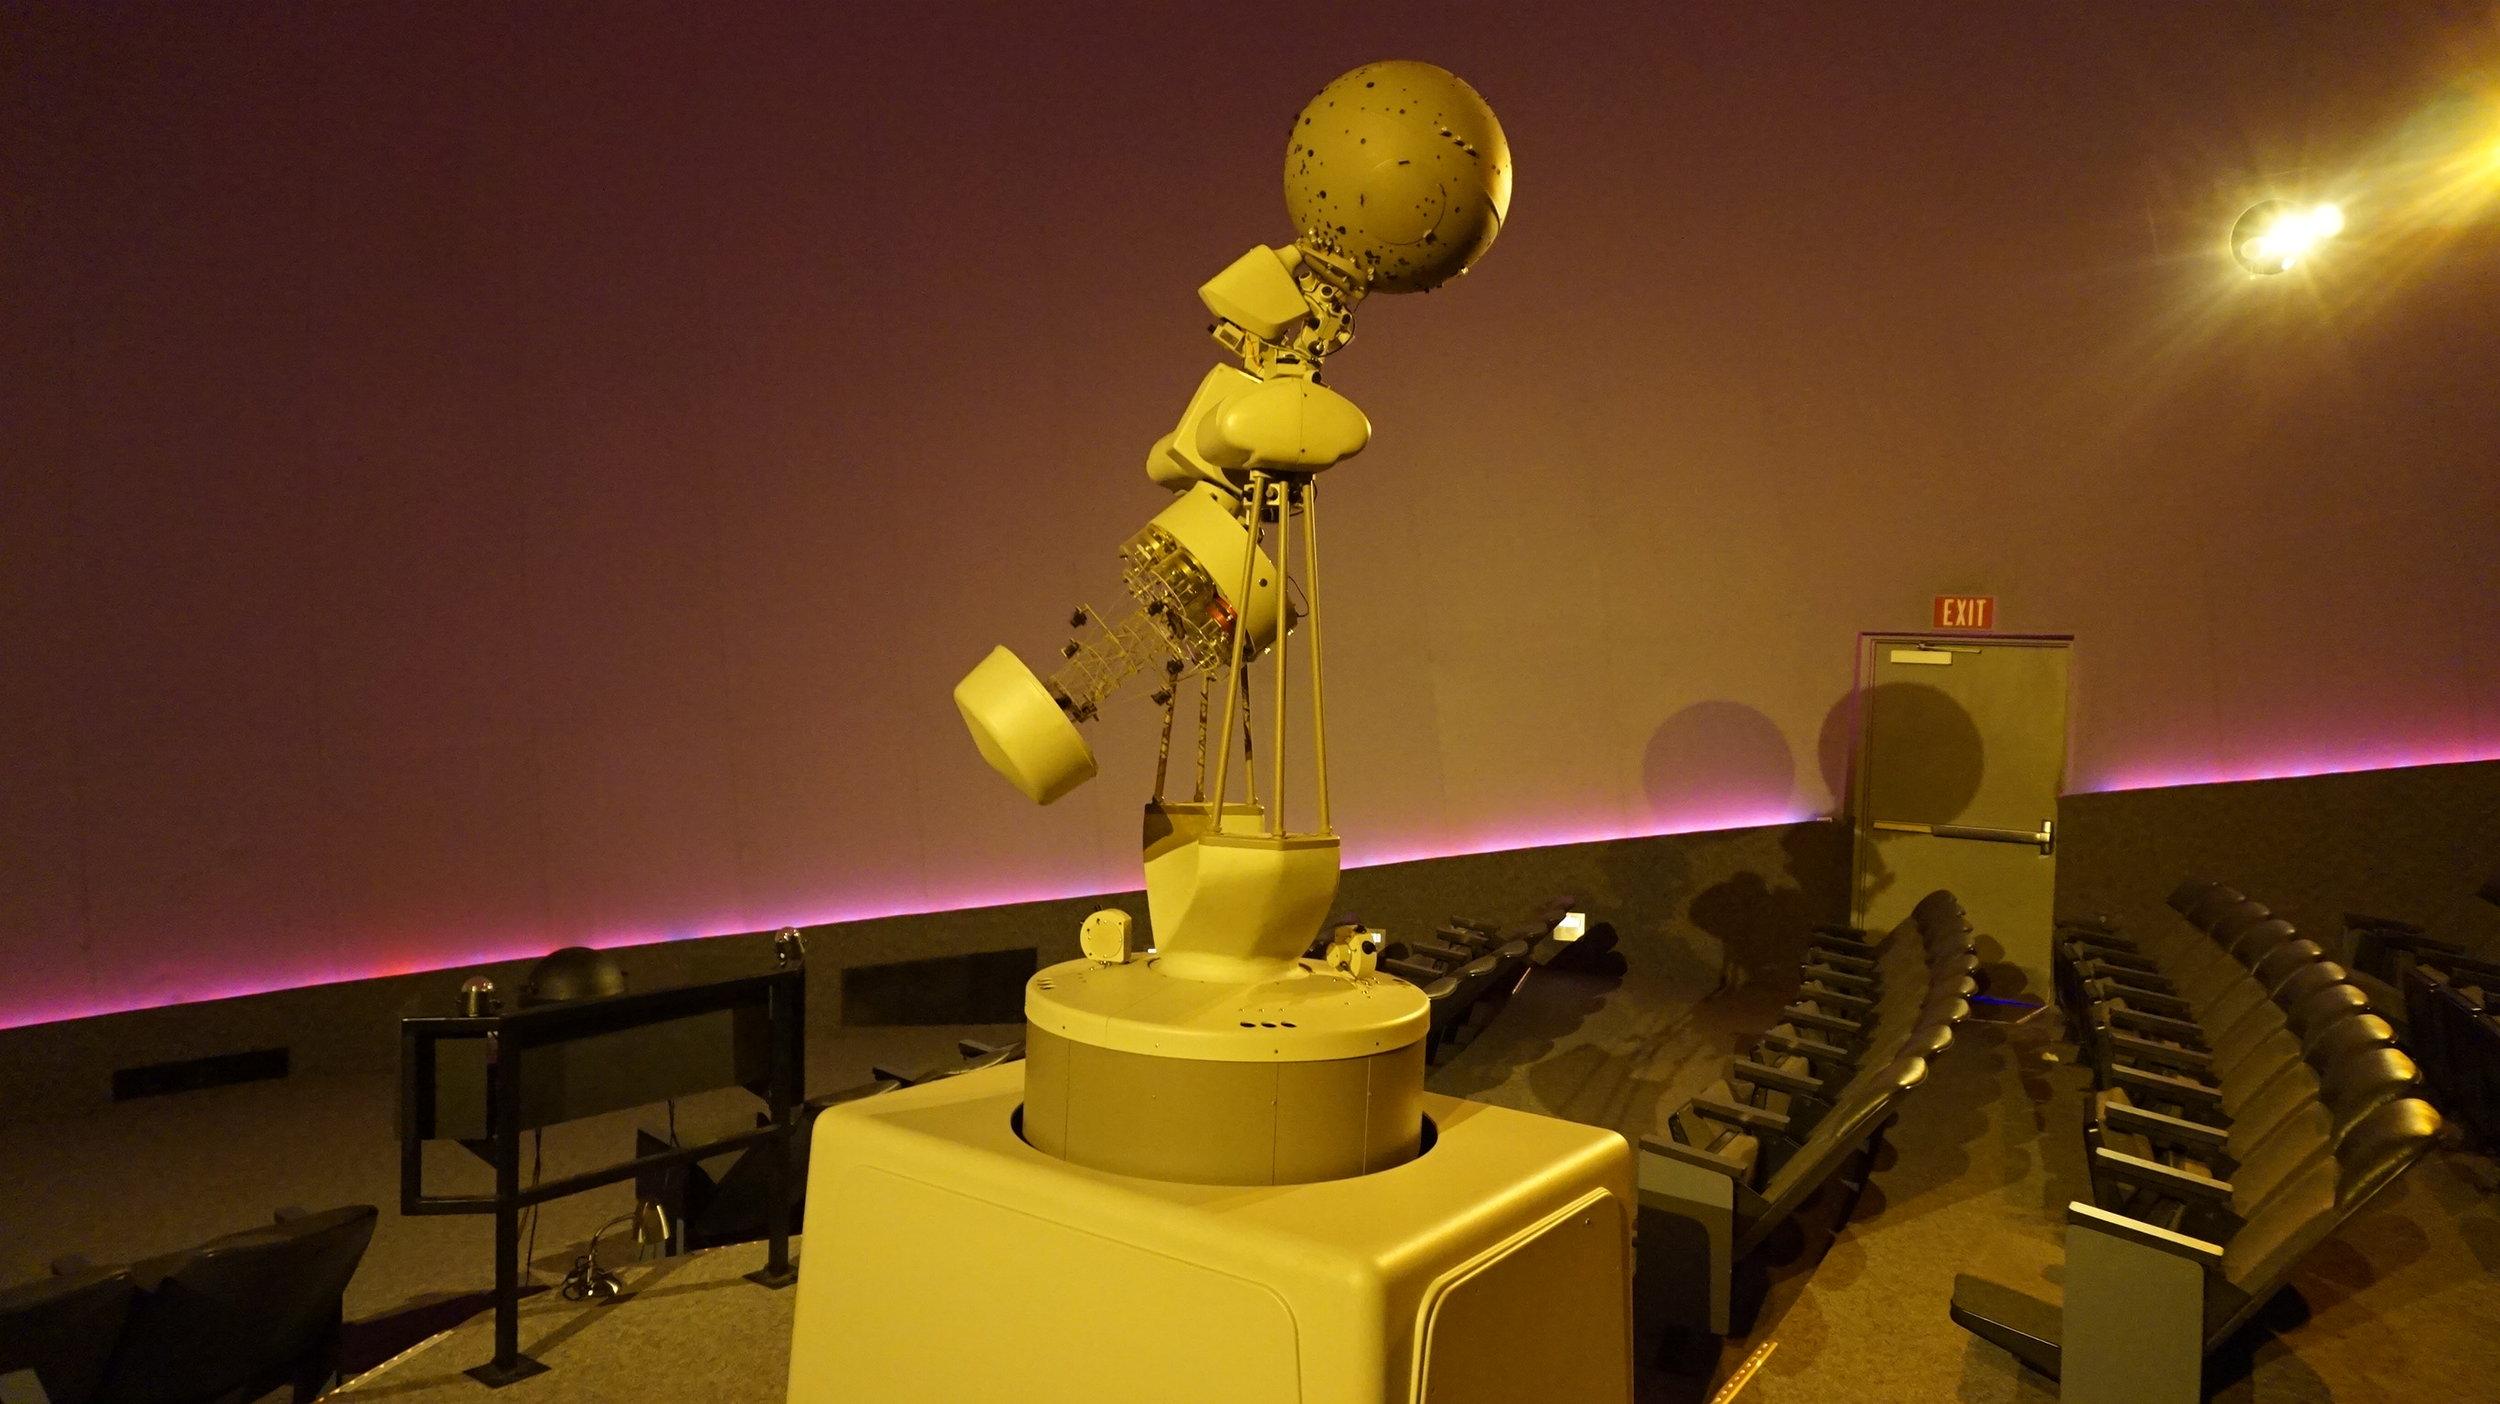 Kaleideum North Planetarium